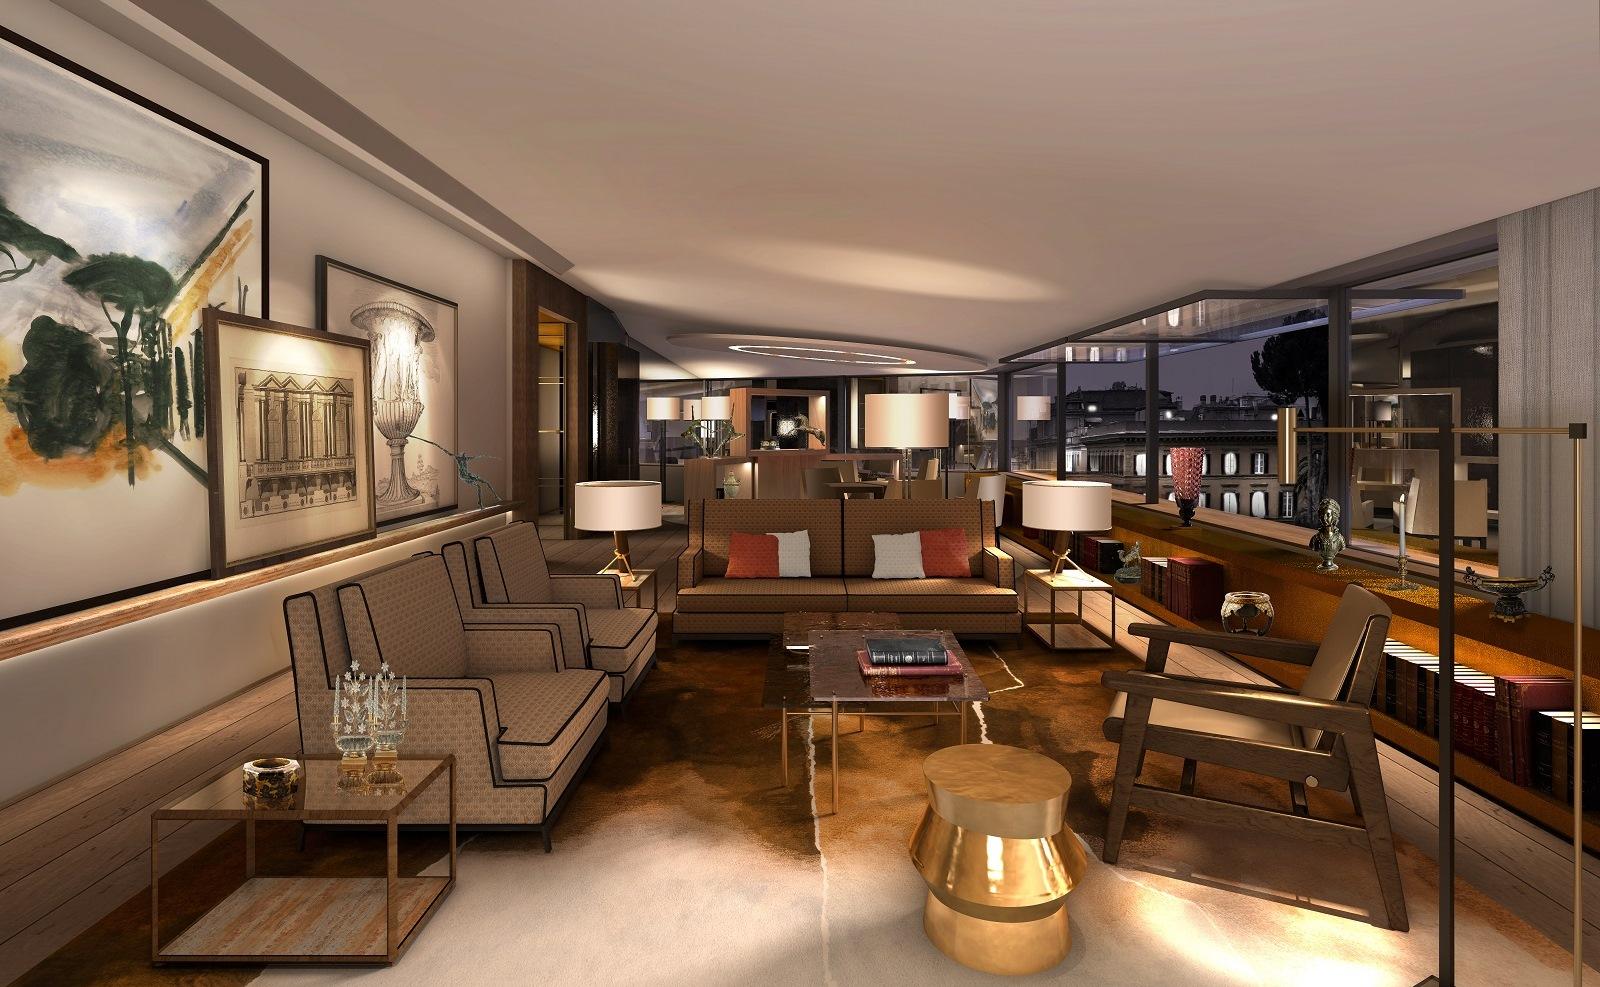 Hotel Eden de Rome - Penthouse Suite, Living Area